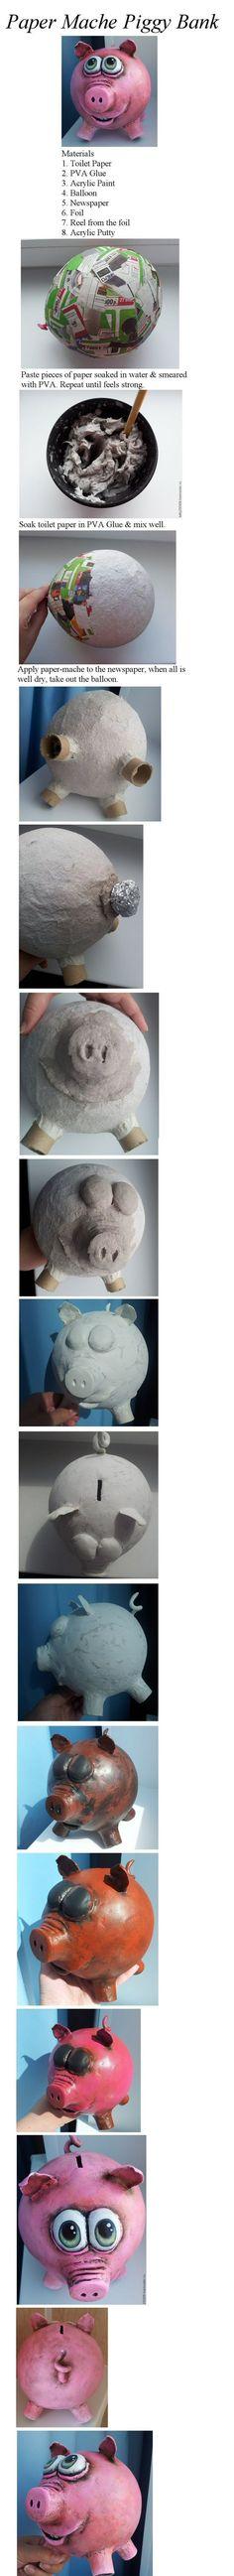 Paper Mache Pig More: